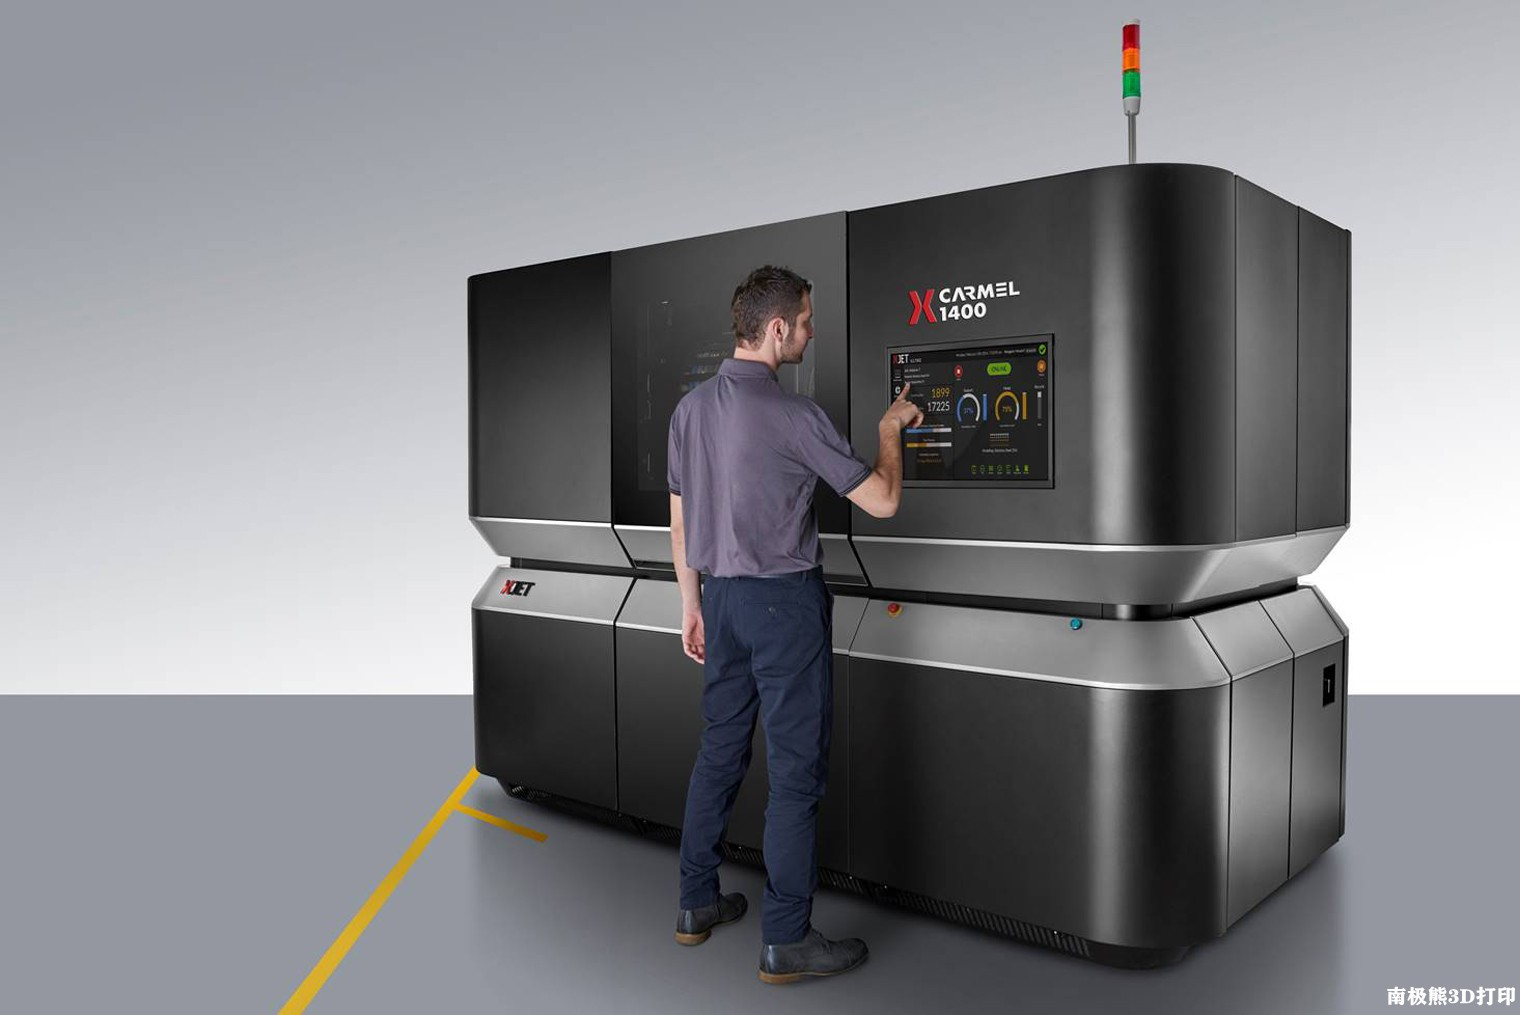 鲁汶大学安装XJet CARMEL 1400C,探索医学陶瓷3D打印应用